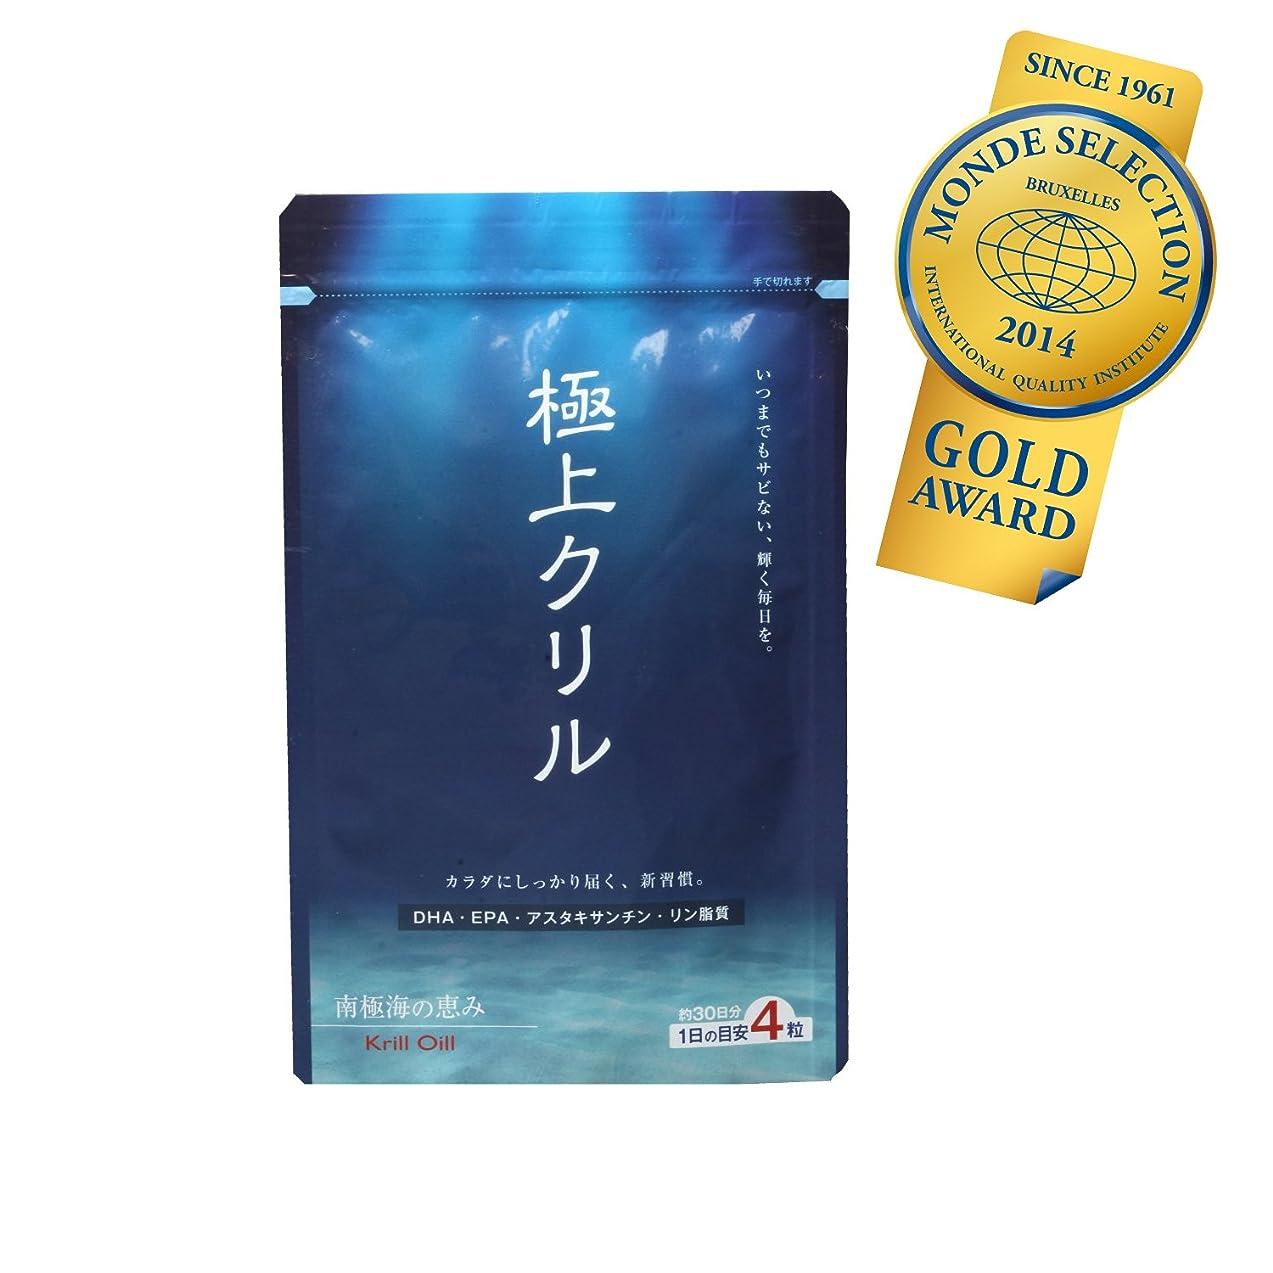 犠牲意志ぴかぴか極上クリル120粒 100%クリルオイル (約1ヶ月分) 日本製×3袋セット